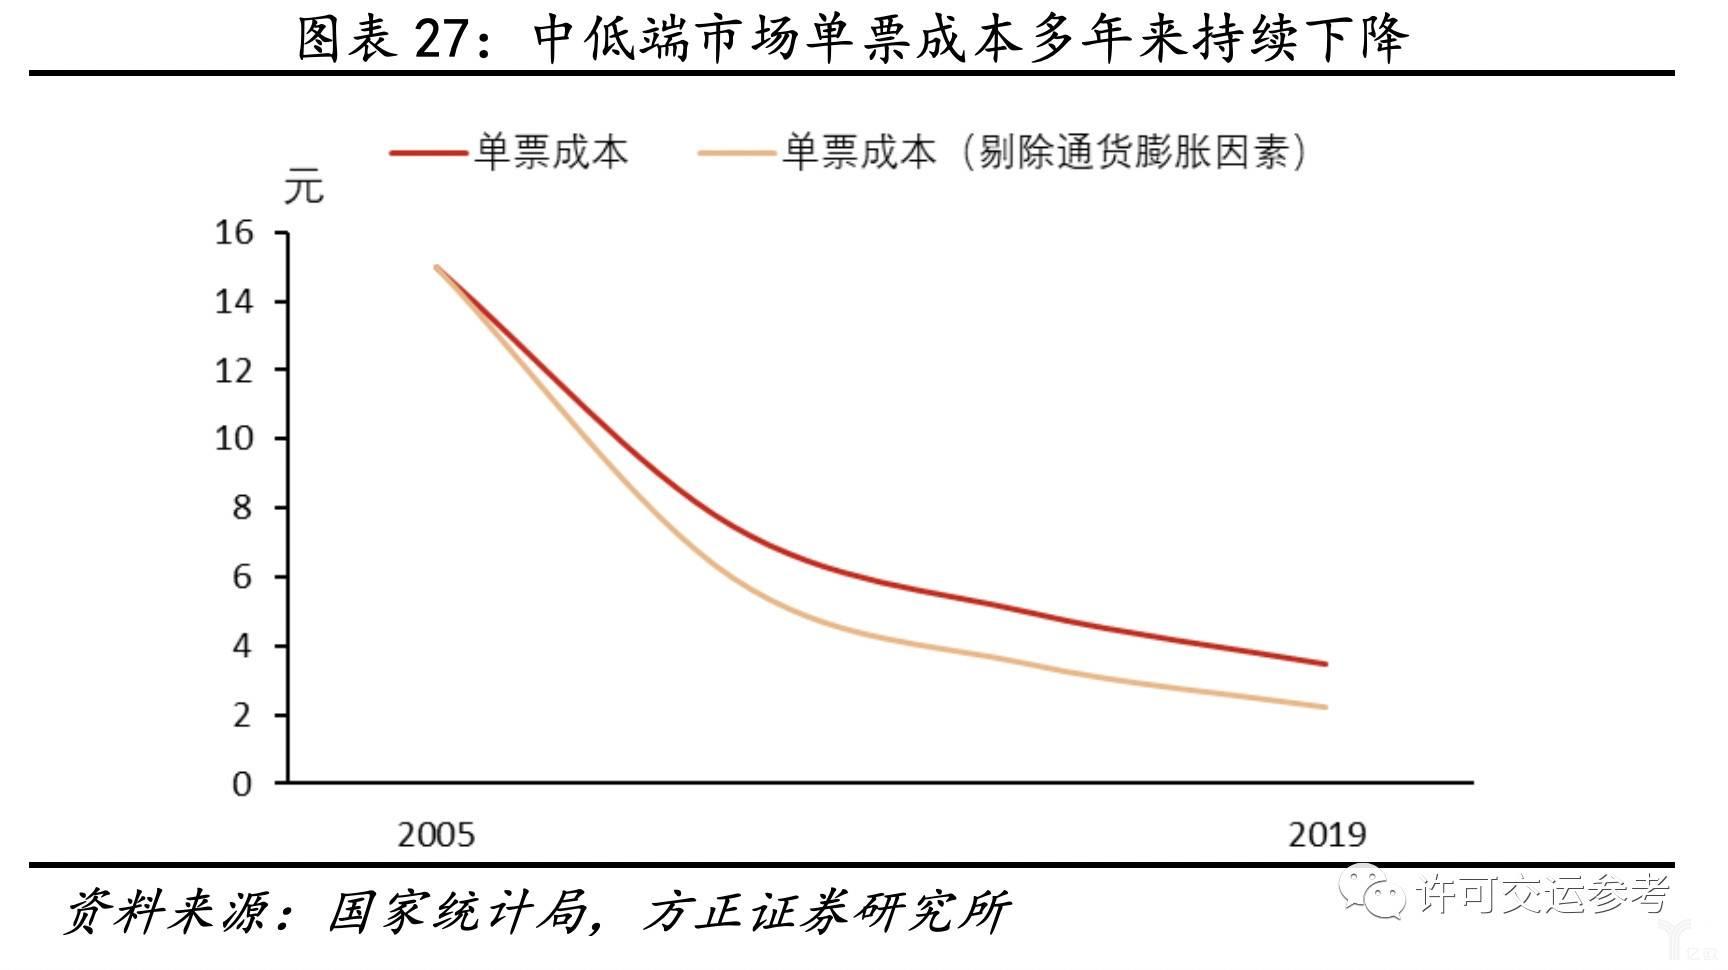 中低端市场单票成本多年来持续下降